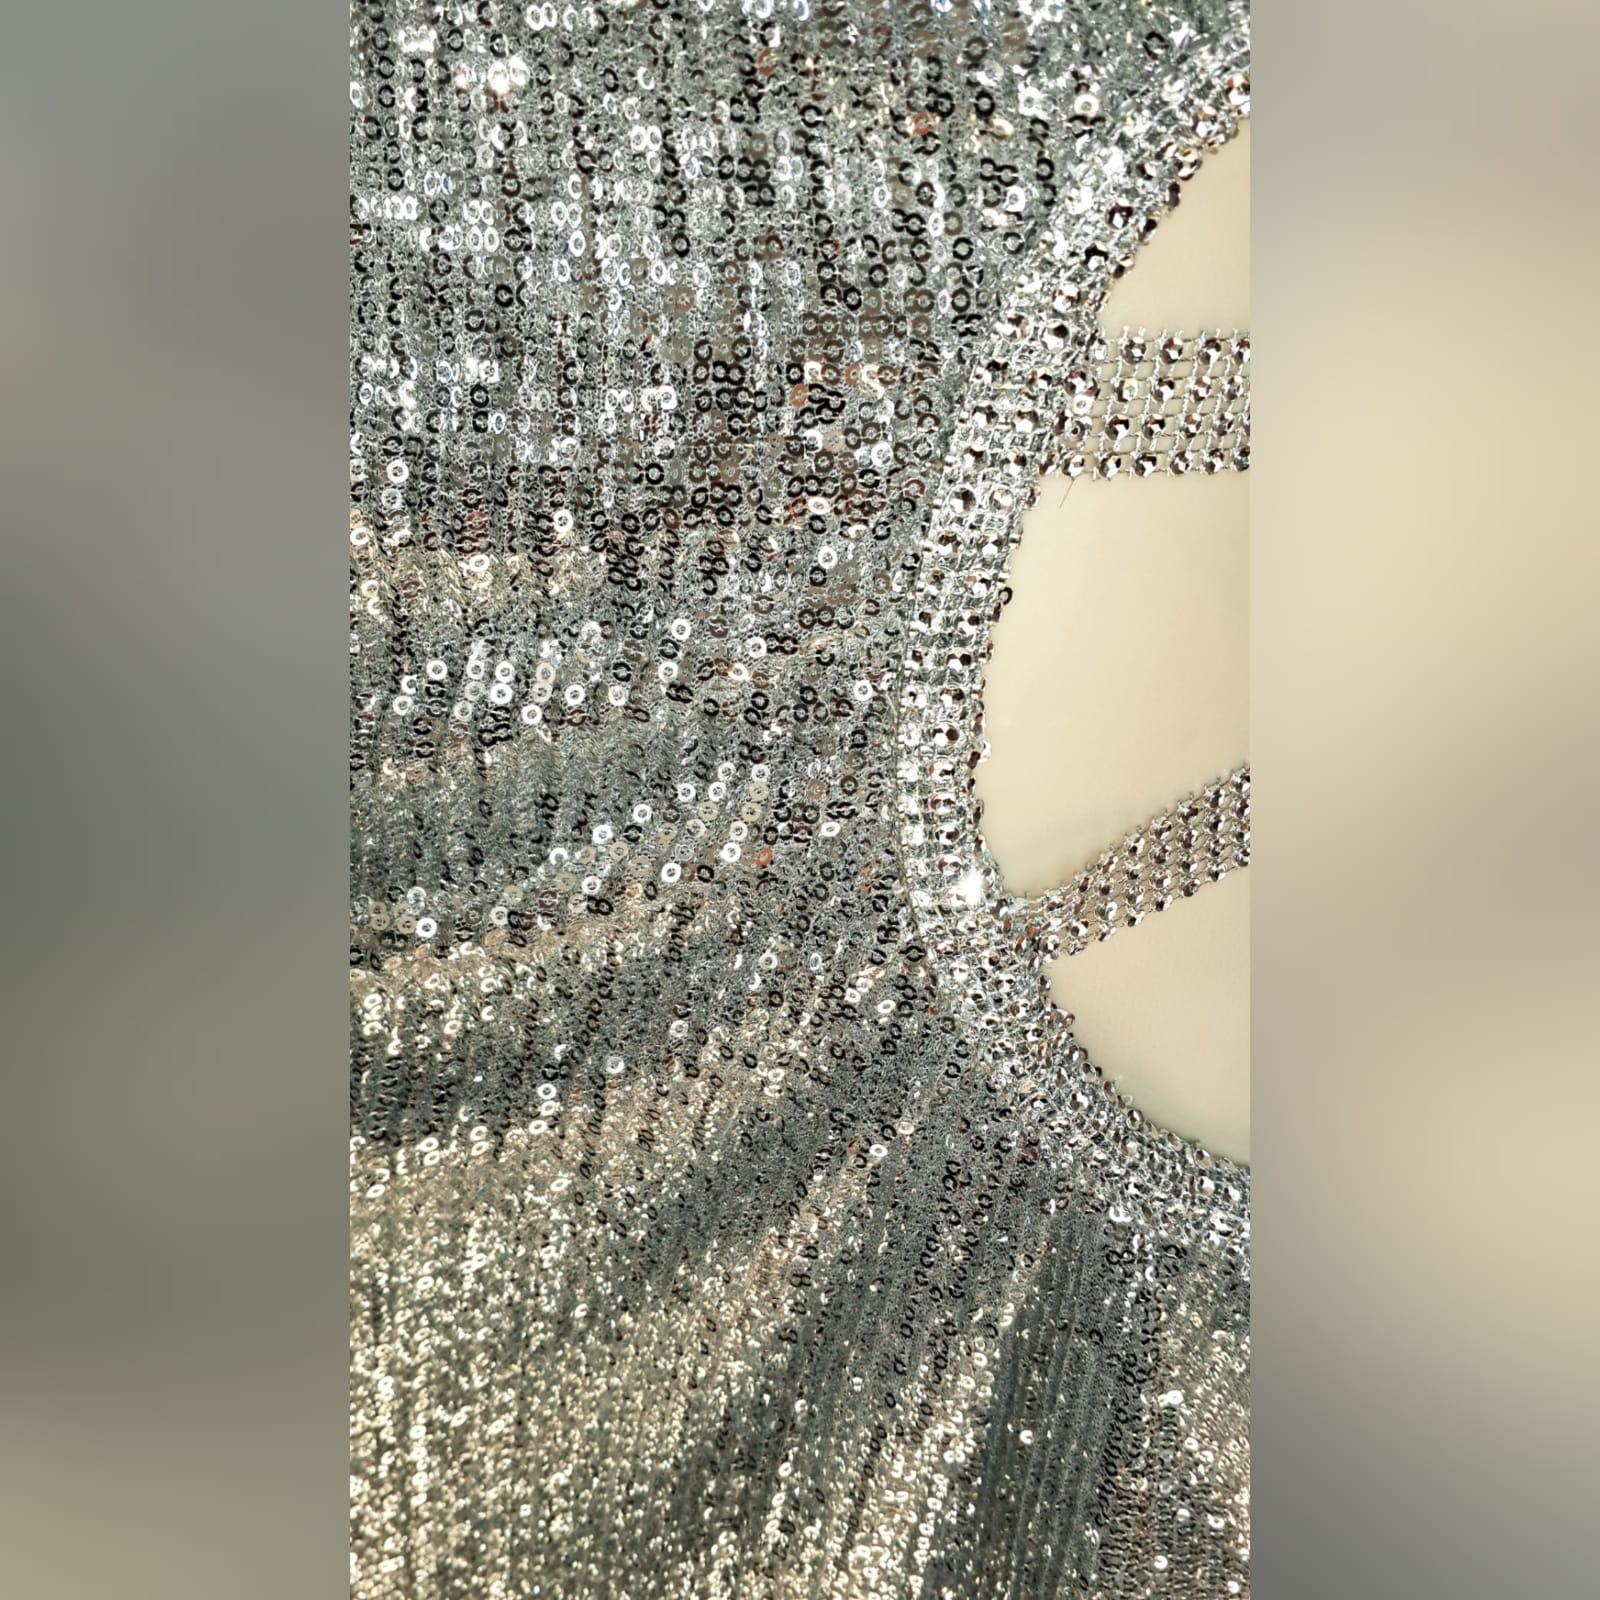 Vestido de festa fim do ano sexy de lantejoulas prateadas 3 vestido de festa fim do ano sexy de lantejoulas prateadas, com barriga lateral e abertura nas costas detalhadas com tiras, e uma manga.